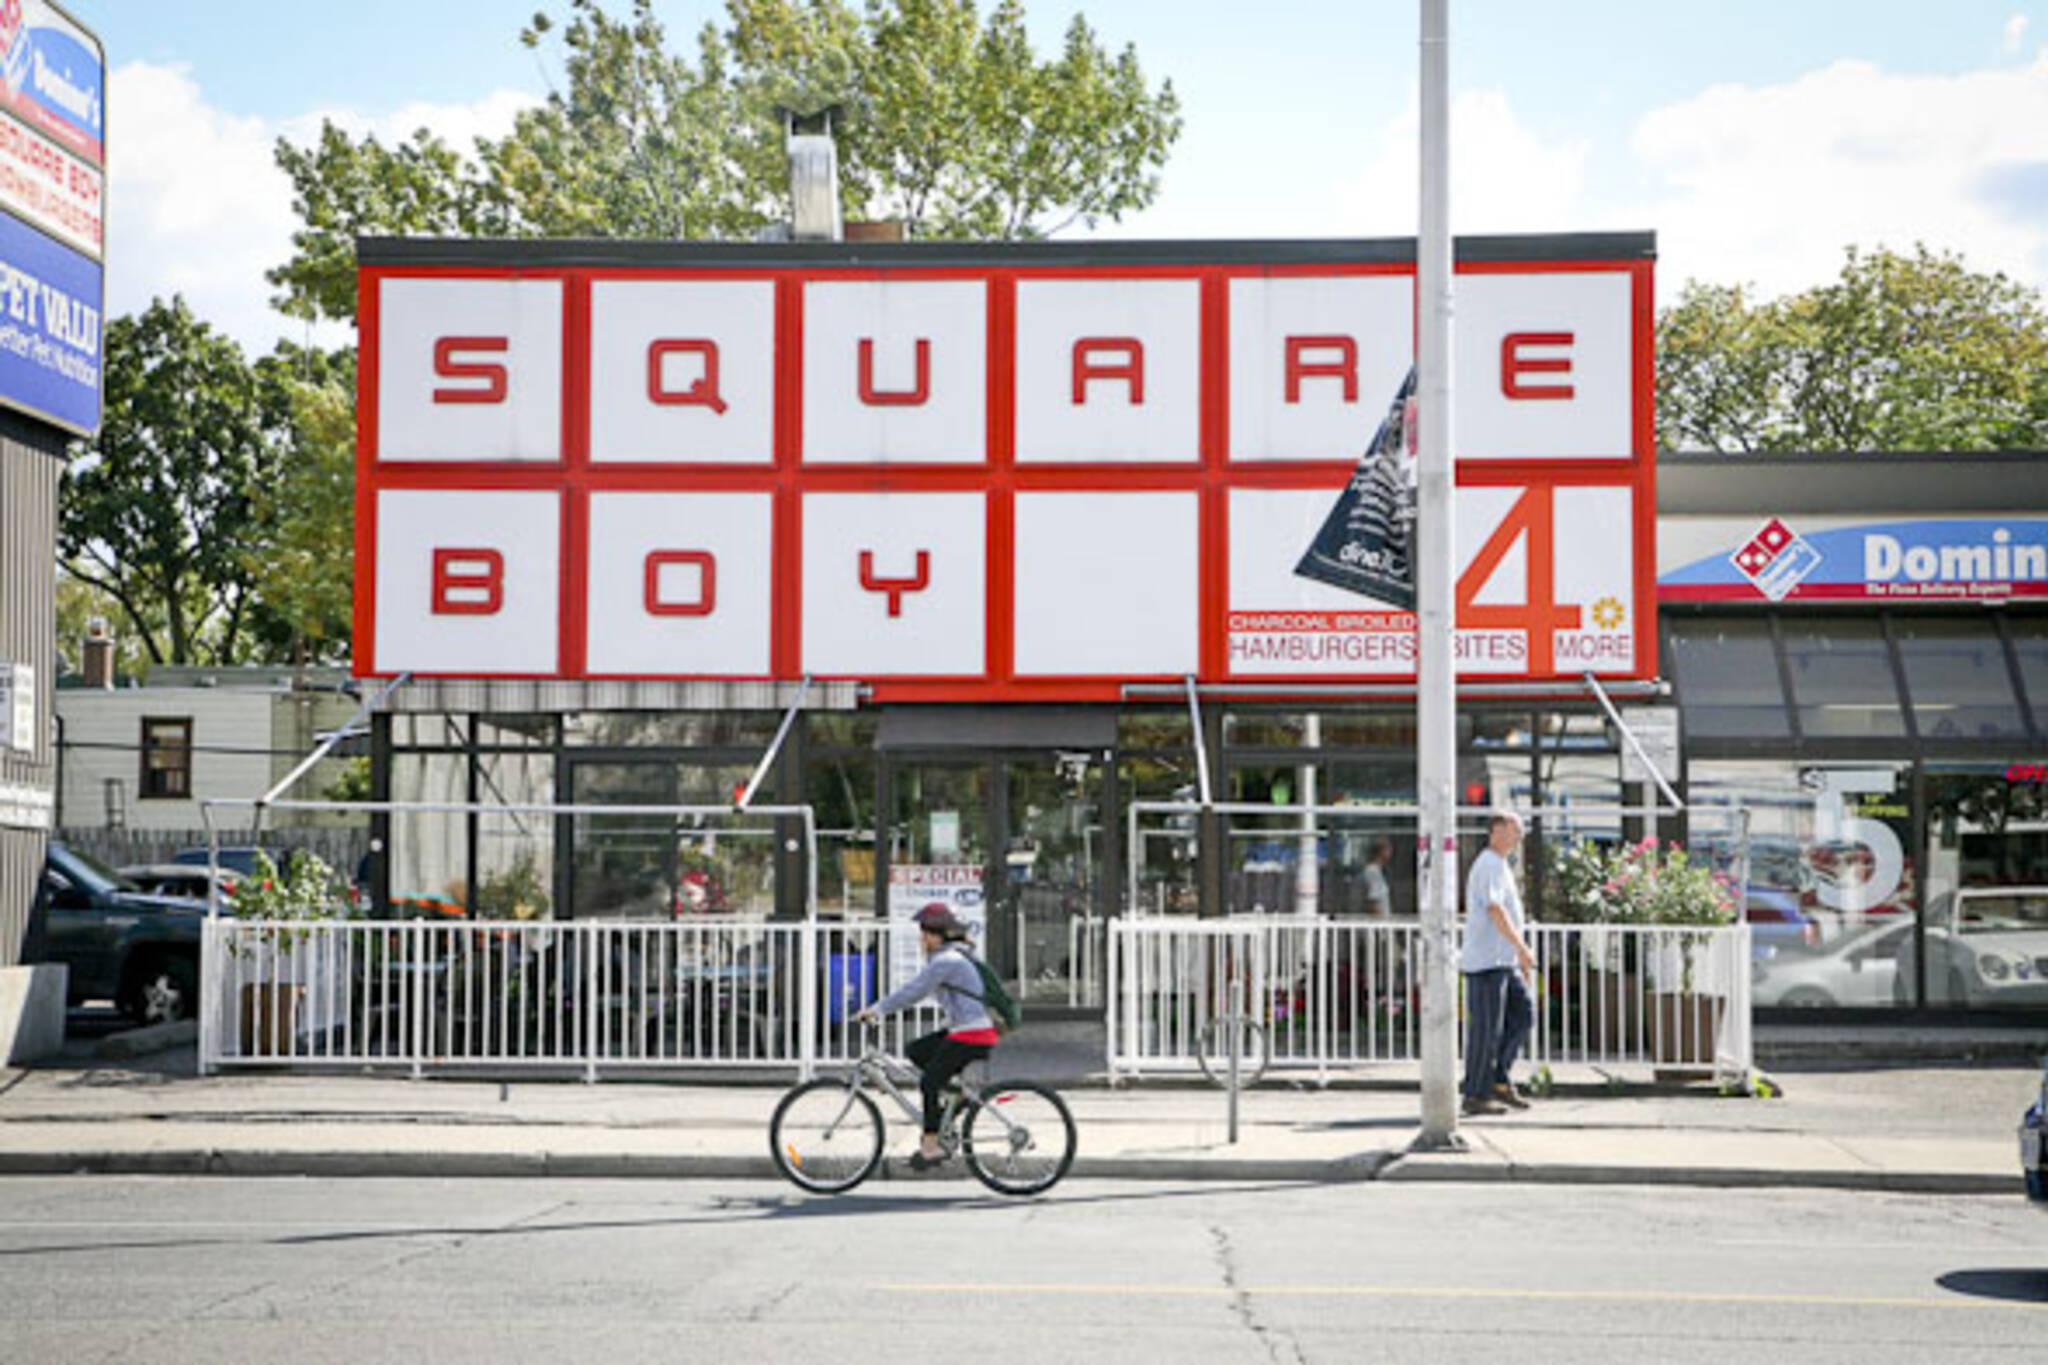 Square Boy Greek Toronto